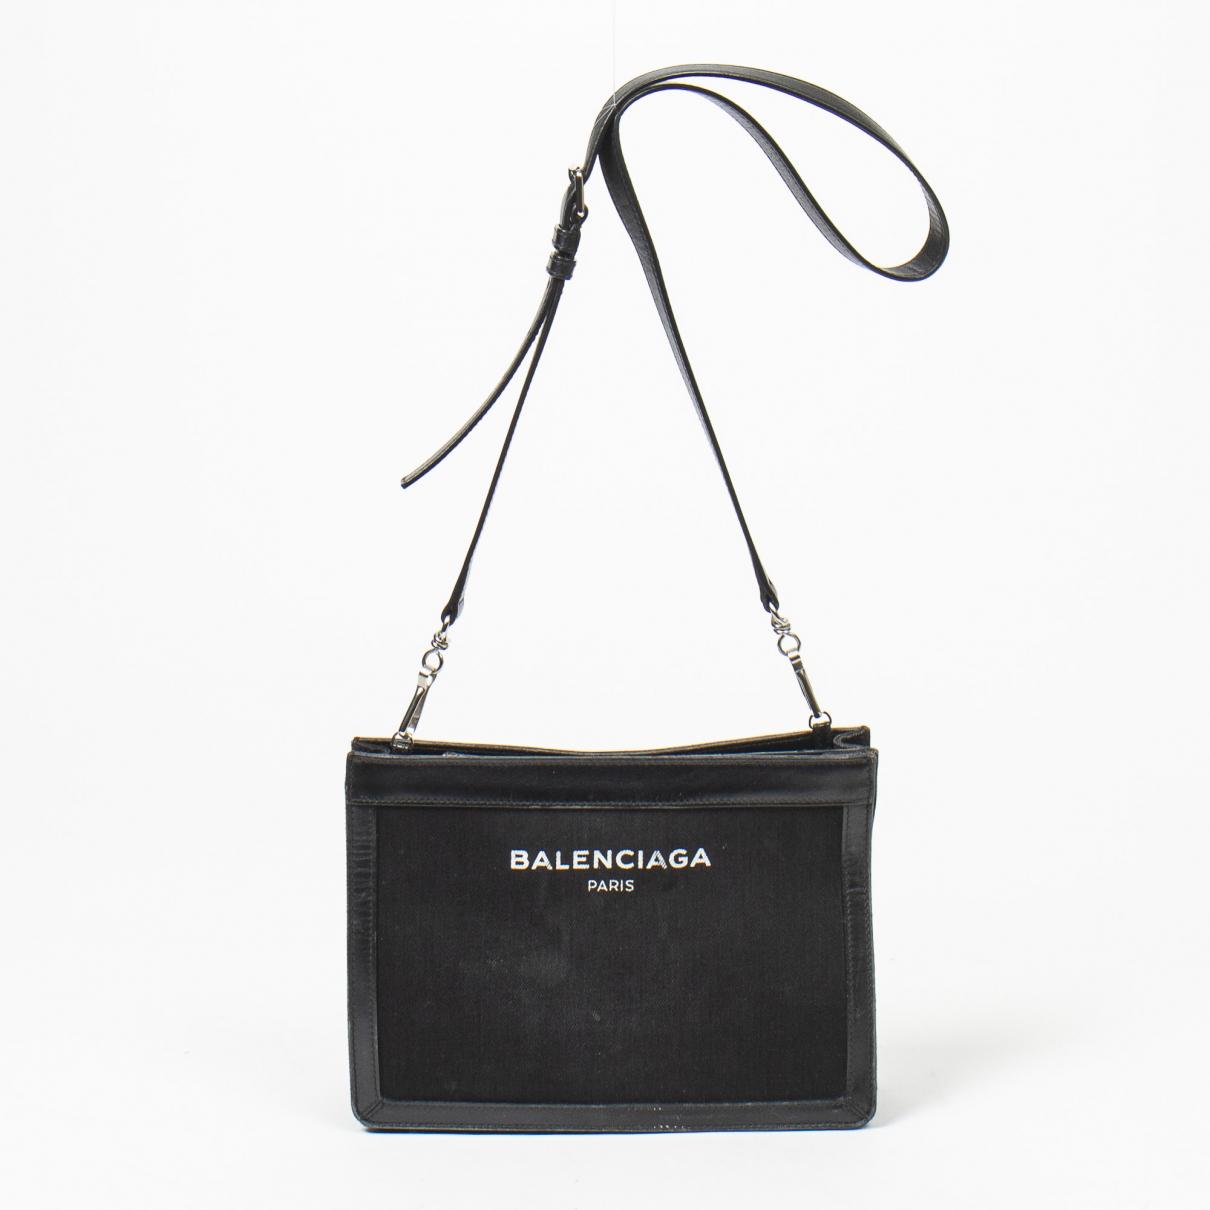 Balenciaga - Sac a main   pour femme en toile - noir